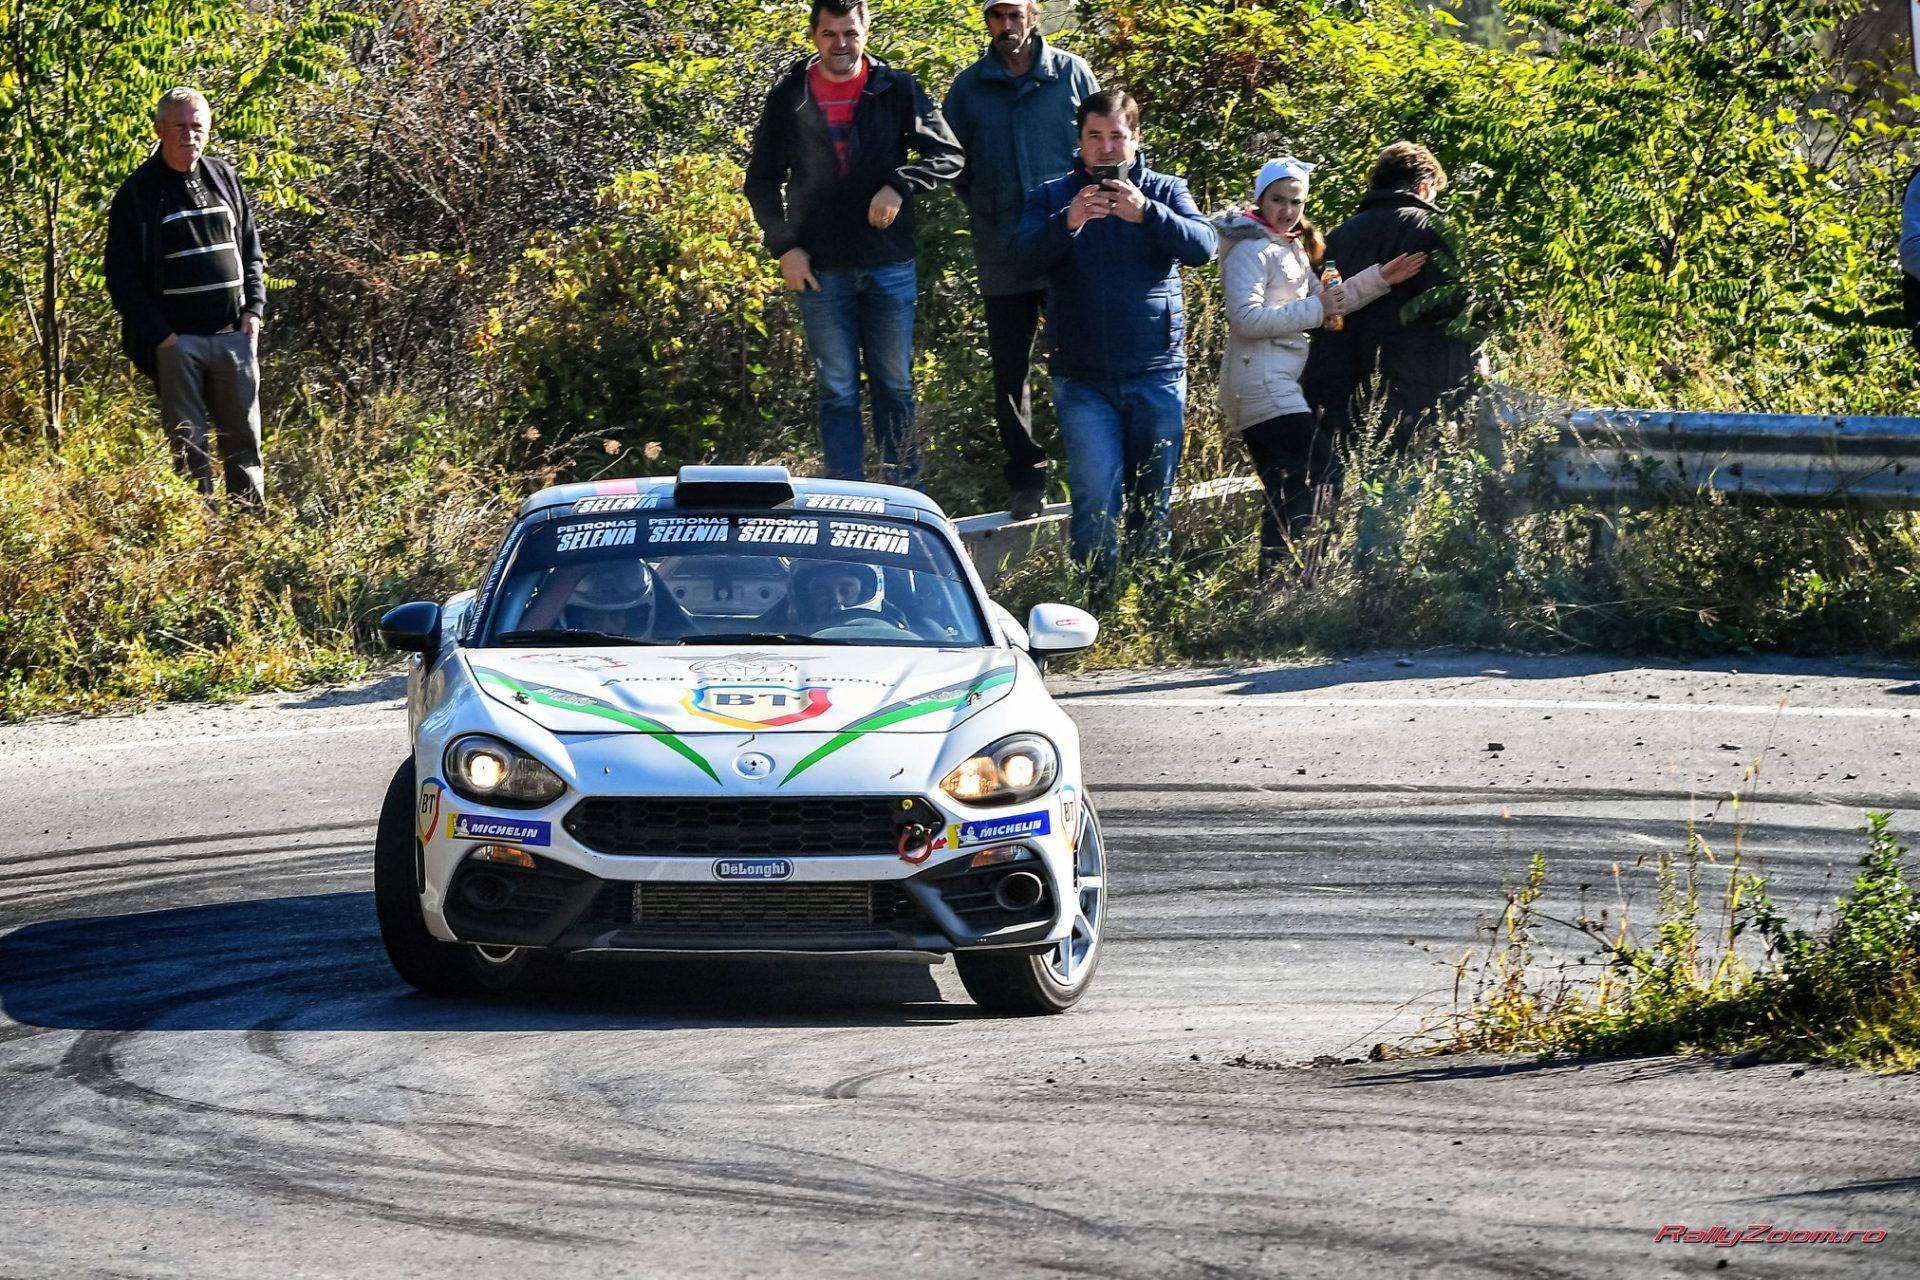 """Florin Tincescu: """"Putem confirma ca vom lua startul la bordul unei masini de clasa 11 – un Subaru Impreza GC8"""""""